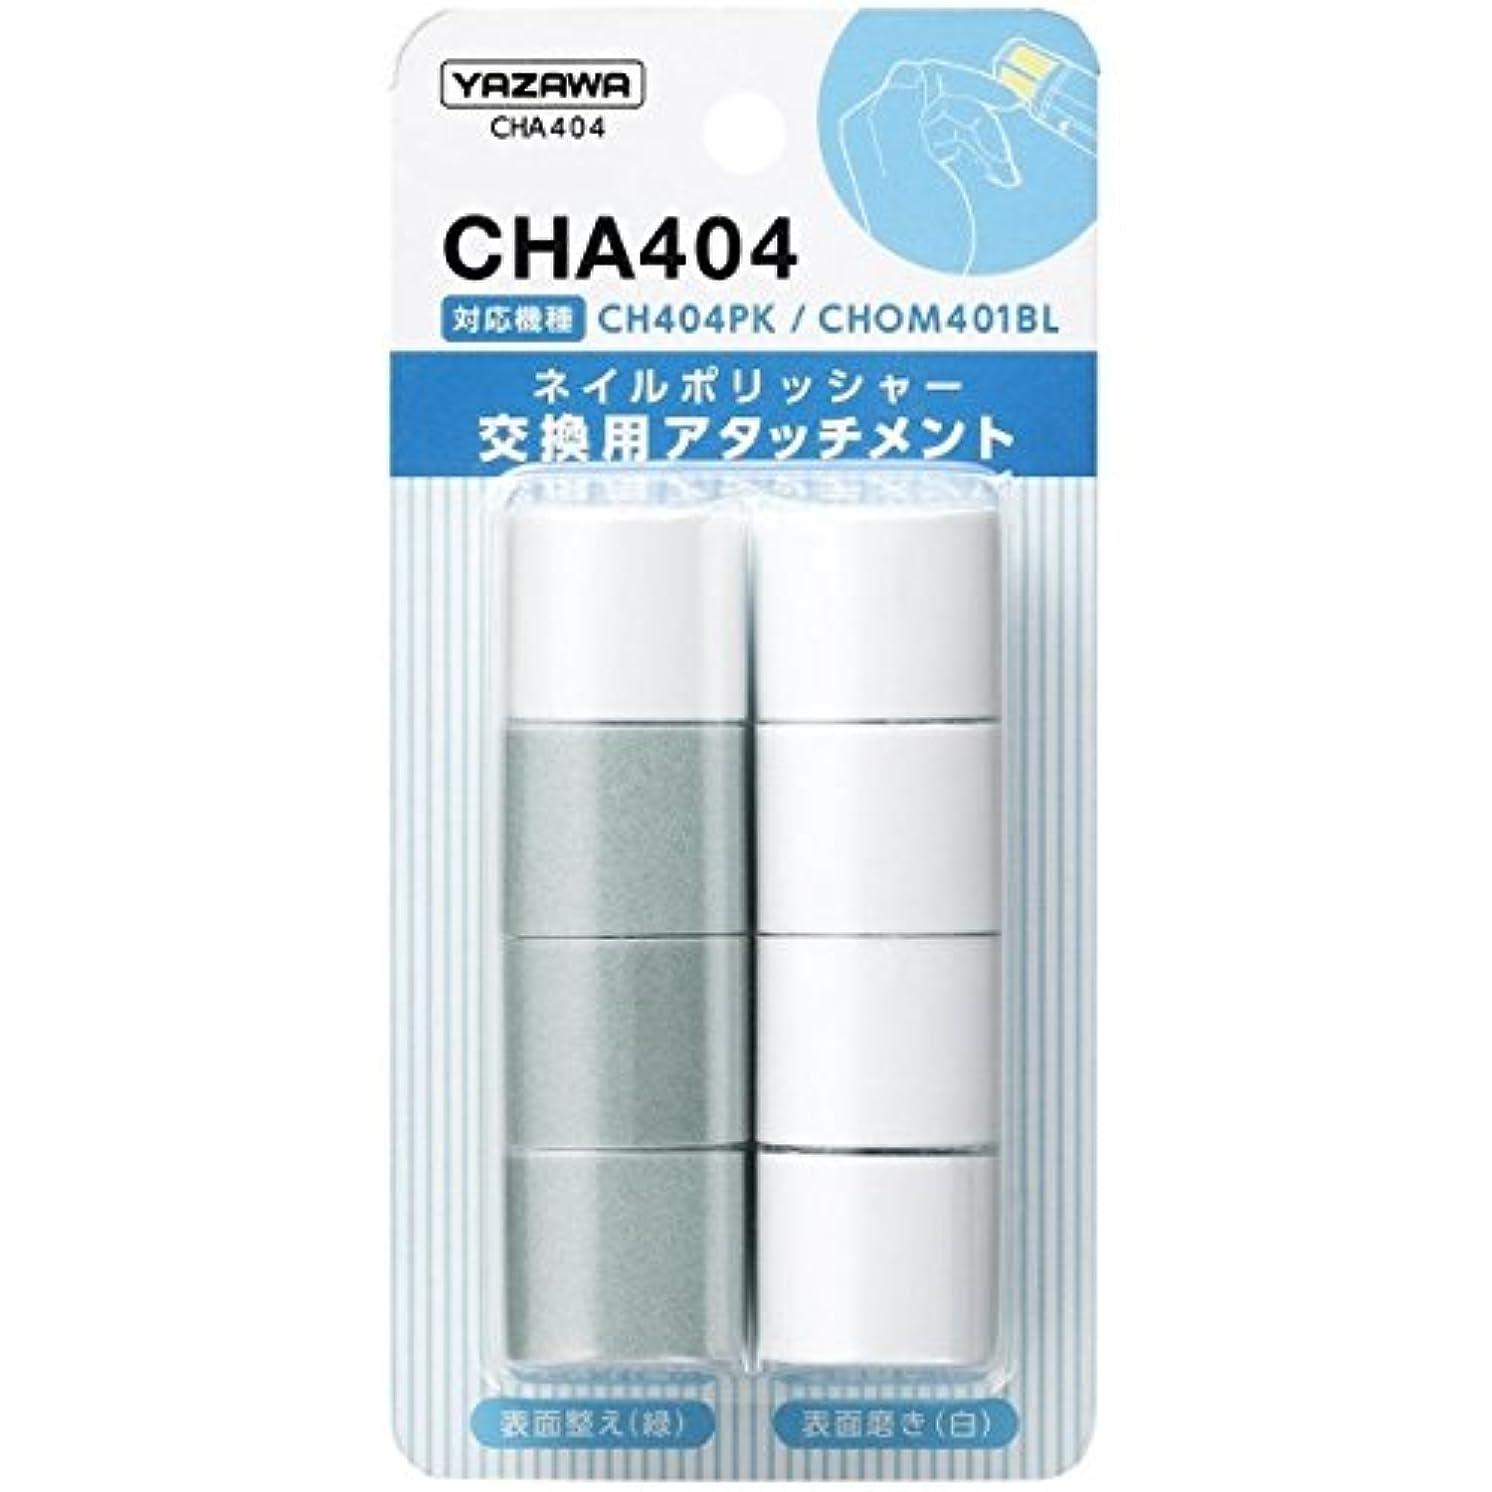 ブラスト触手部族YAZAWA(ヤザワコーポレーション) ネイルポリッシャー交換用アタッチメント CHA404